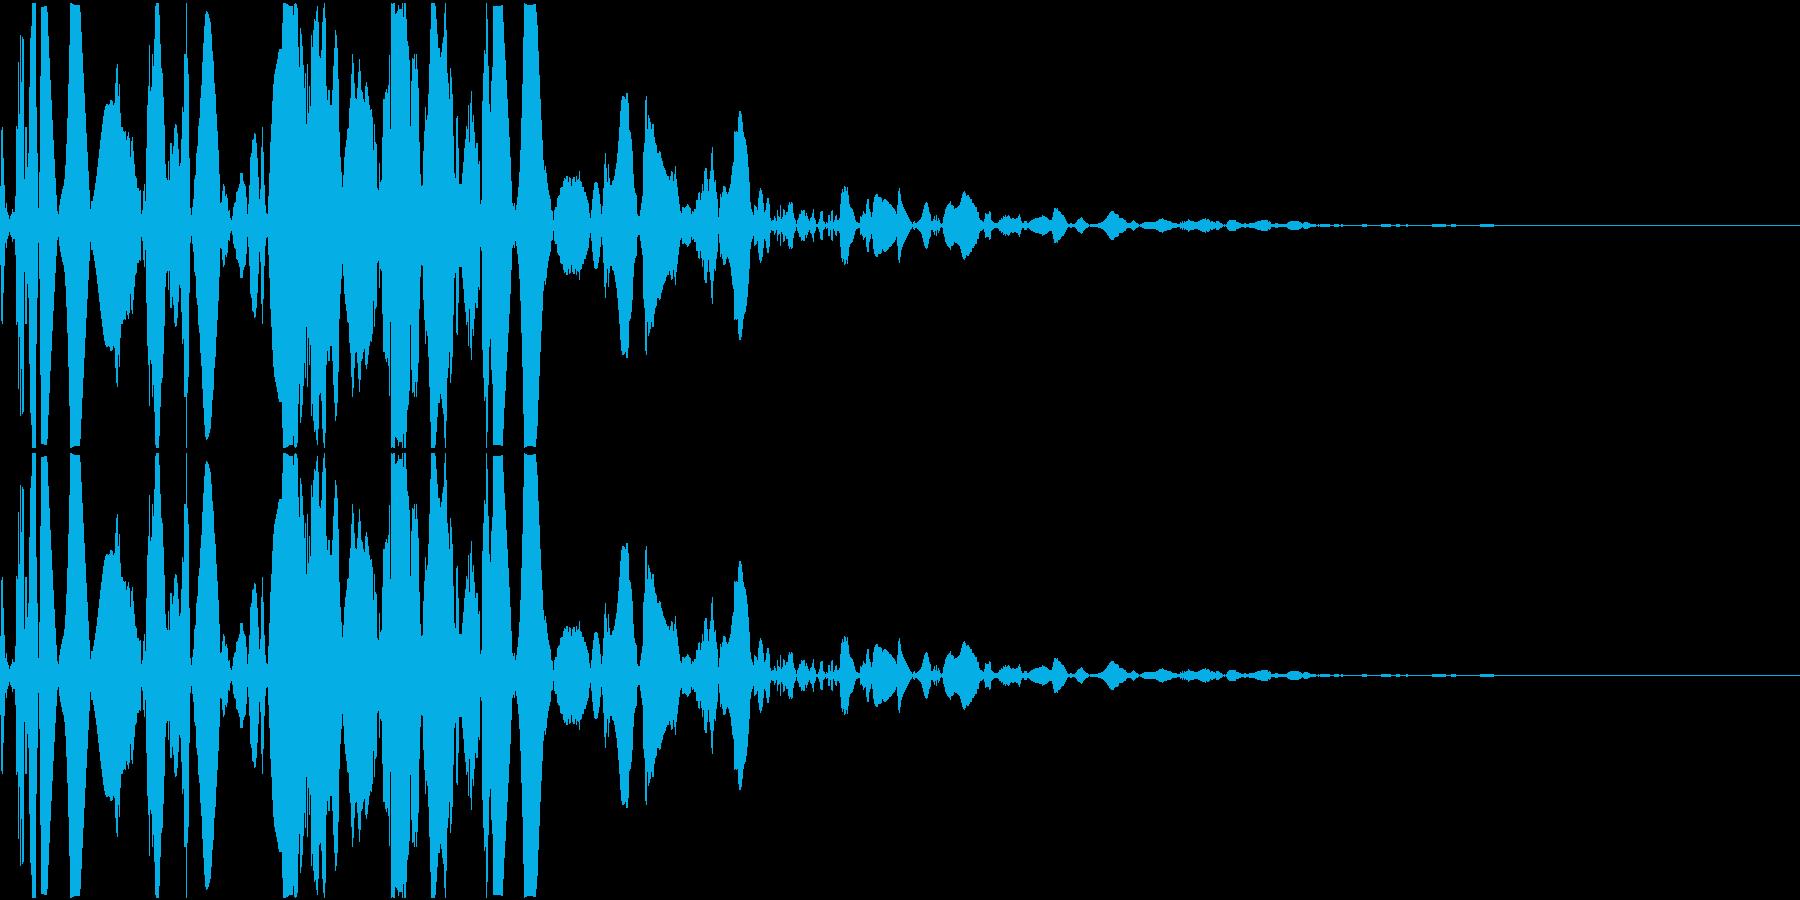 ベチャッ08(泥・液体系のアクション音)の再生済みの波形